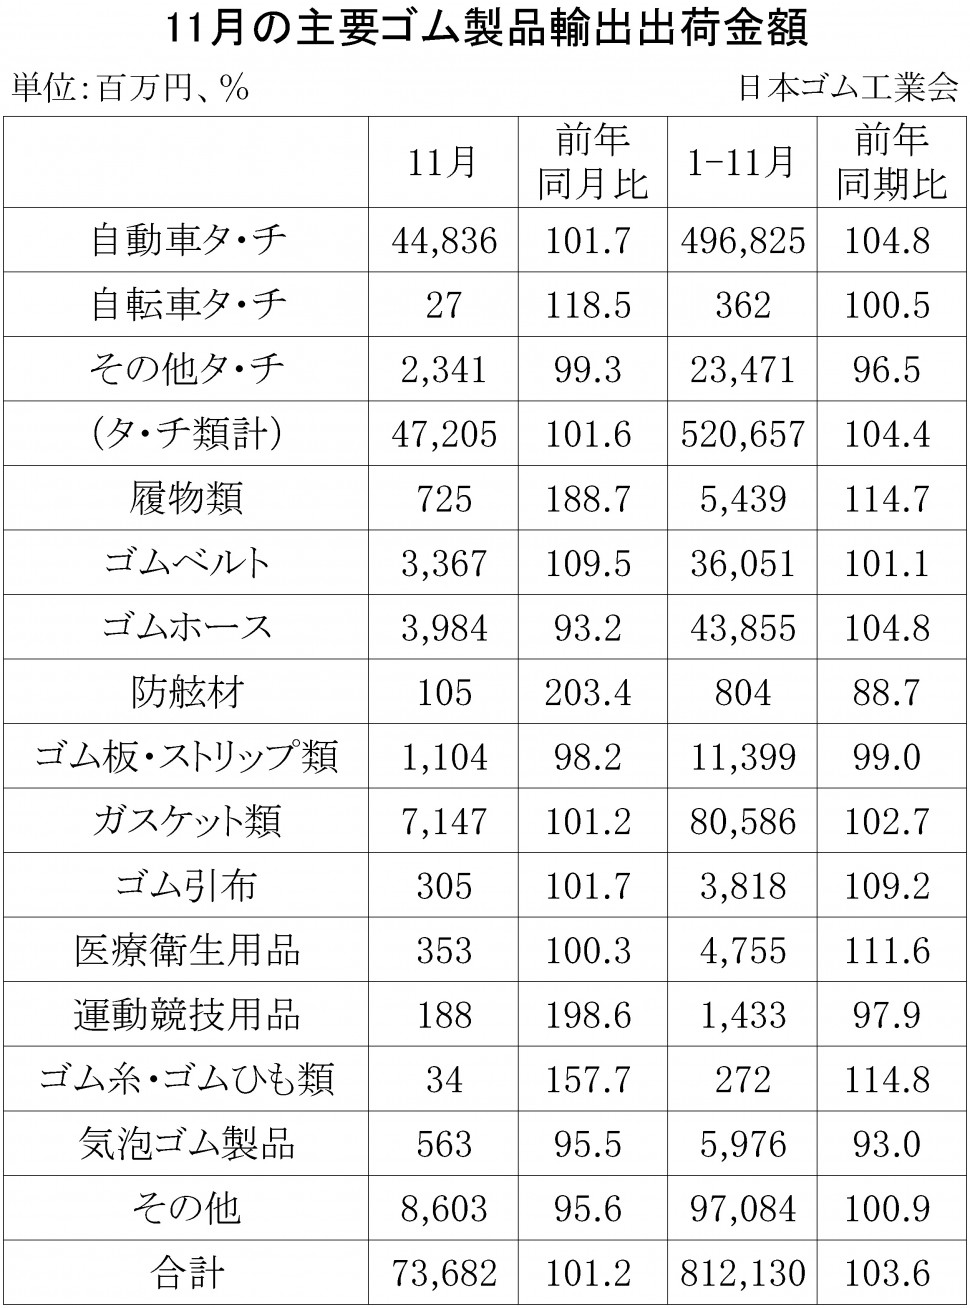 (年間使用)17-11月別-ゴム製品輸出